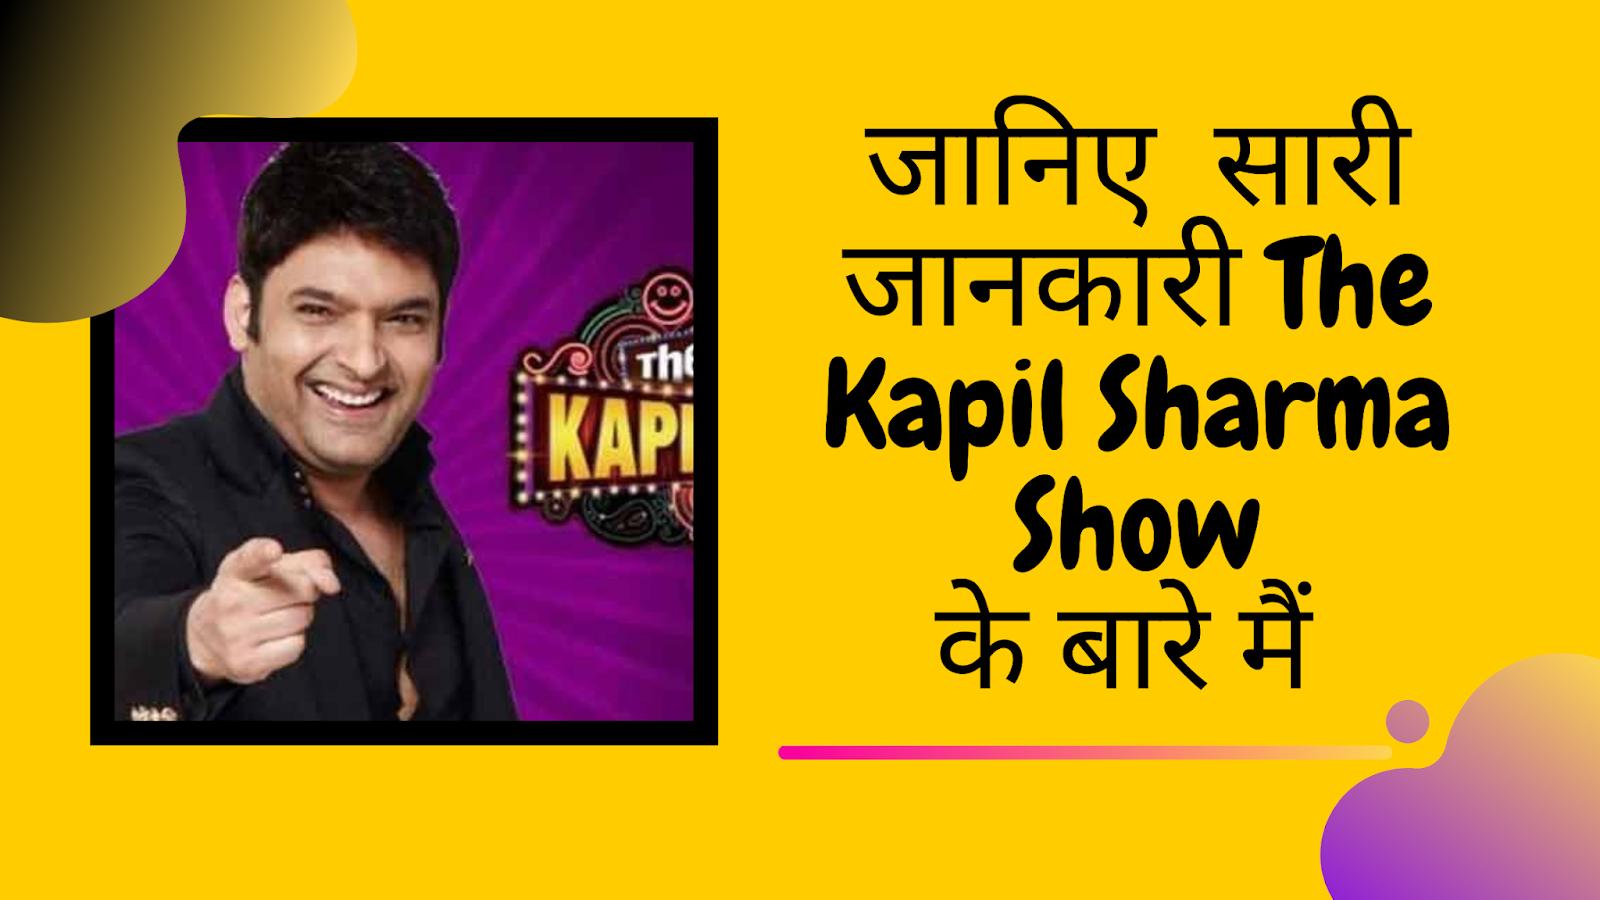 [The Kapil Sharma Show  ] कपिल शर्मा शो में आपको एंट्री कैसे मिल सकती है ? कपिल शर्मा शो से जुडी सारी जानकारी हिंदी में